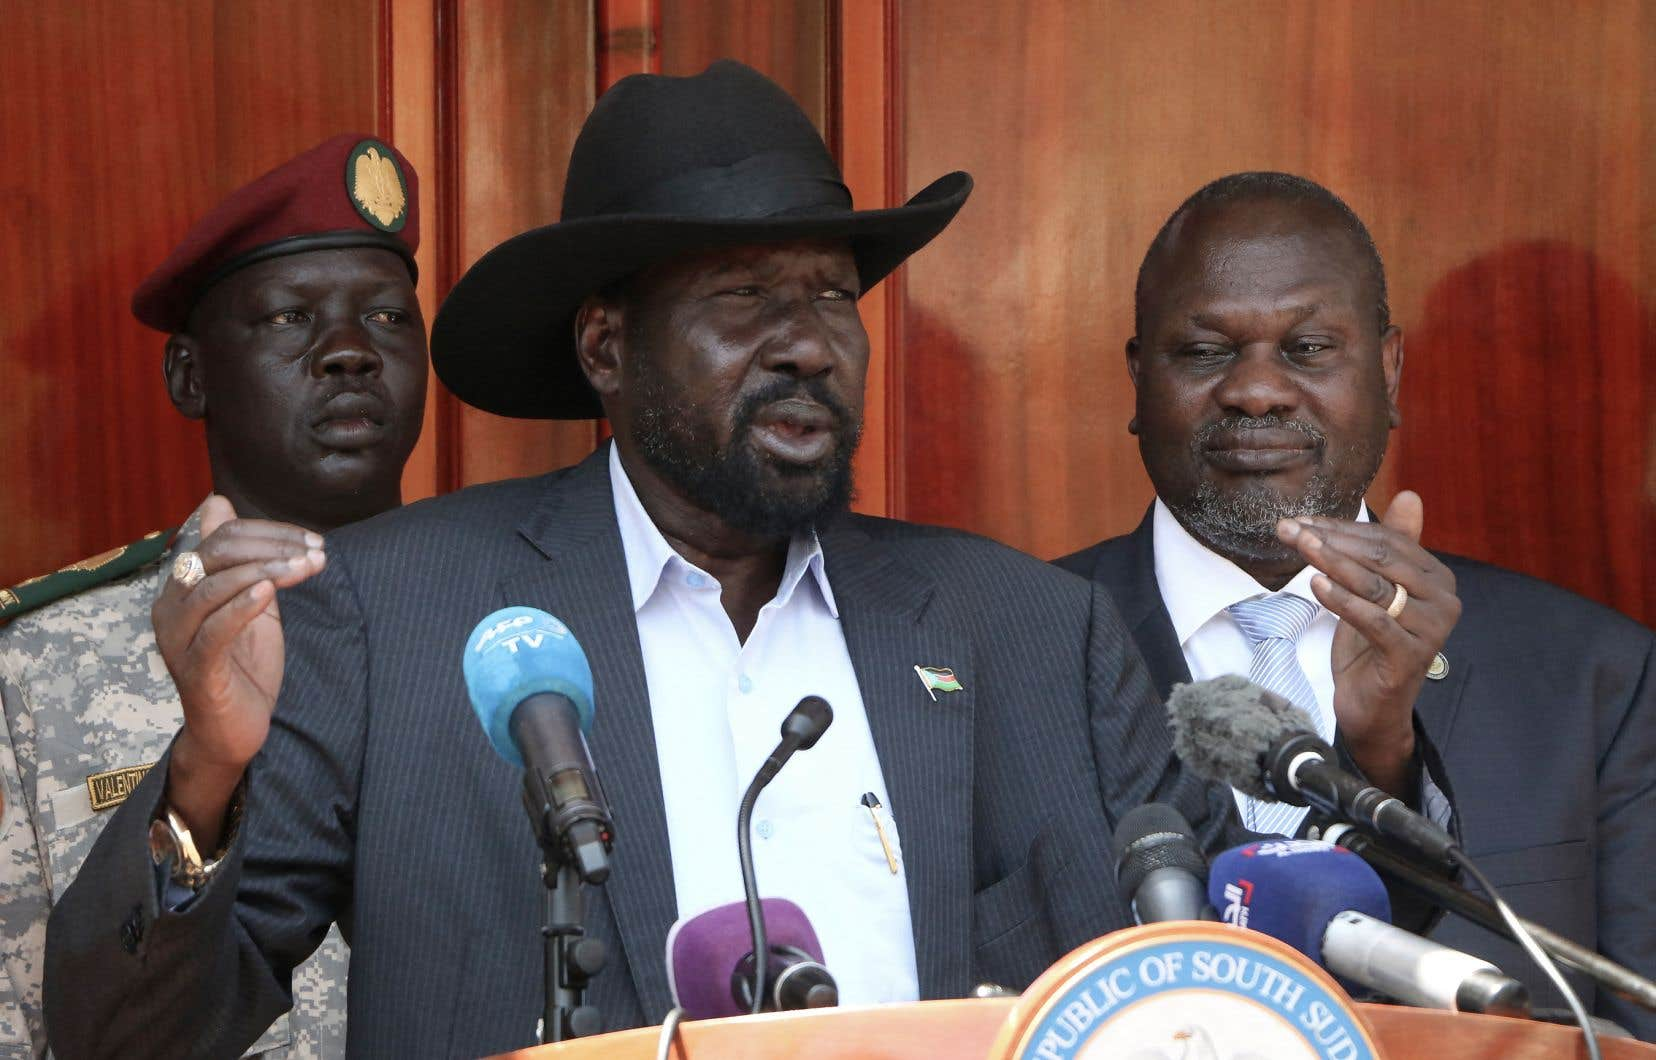 Le président Salva Kiir (au centre) a dissous le Parlement du Soudan du Sud, ouvrant la voie à l'installation d'un nouveau Parlement.